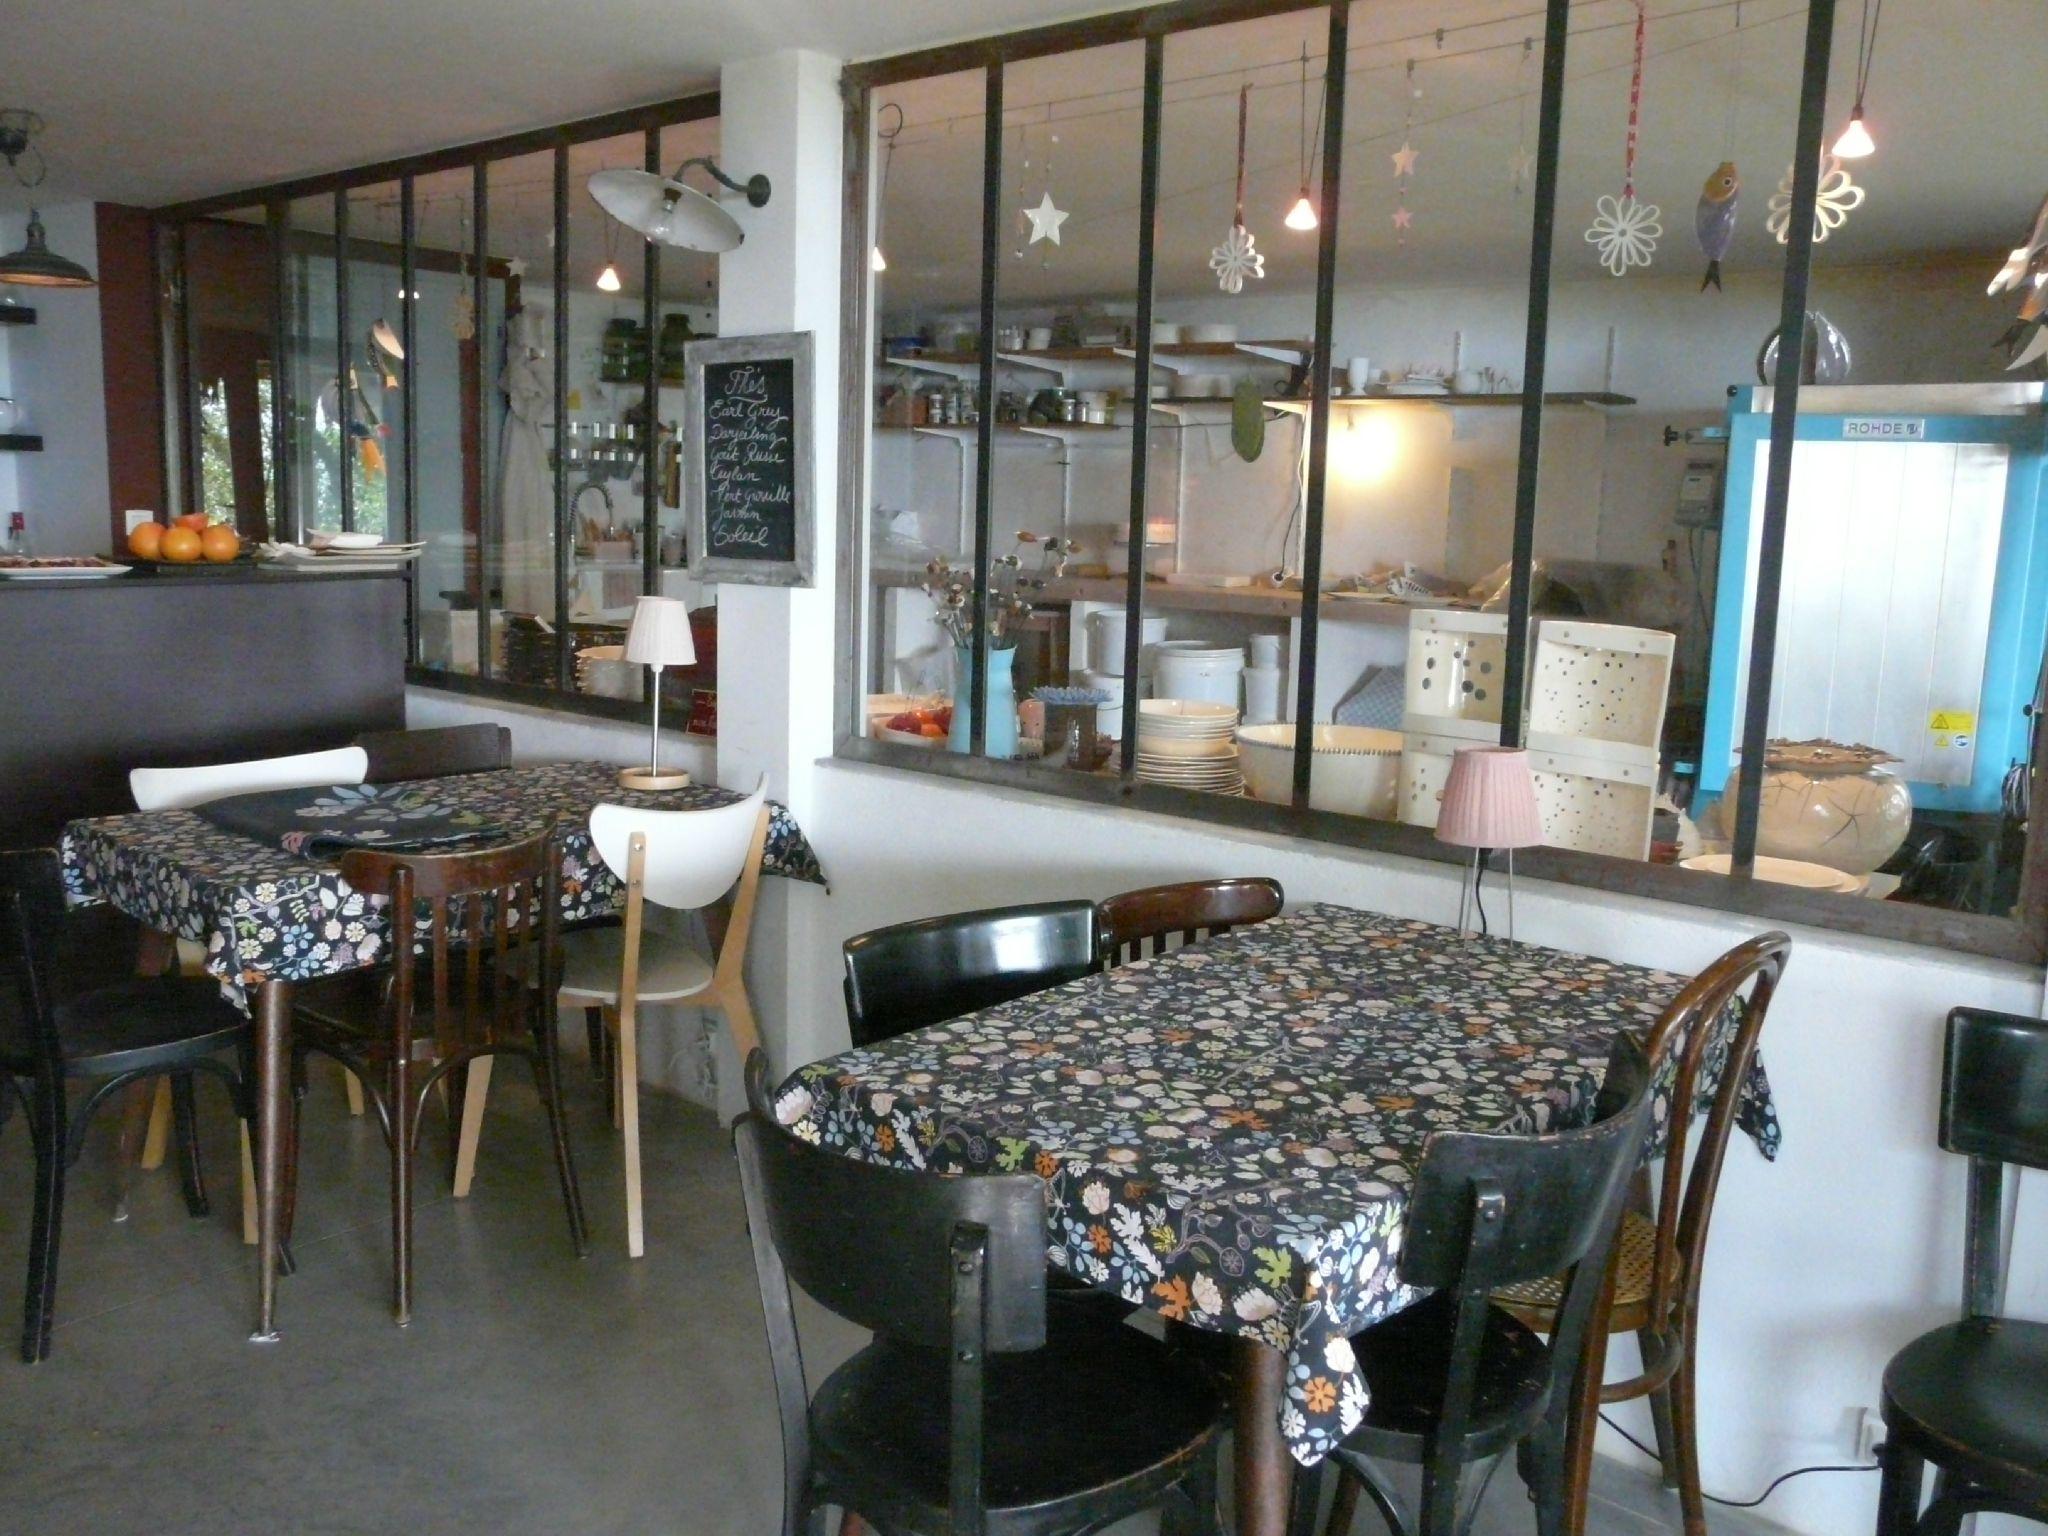 Atelier d 39 artiste attrapeur de r ves - Cuisine atelier d artiste ...